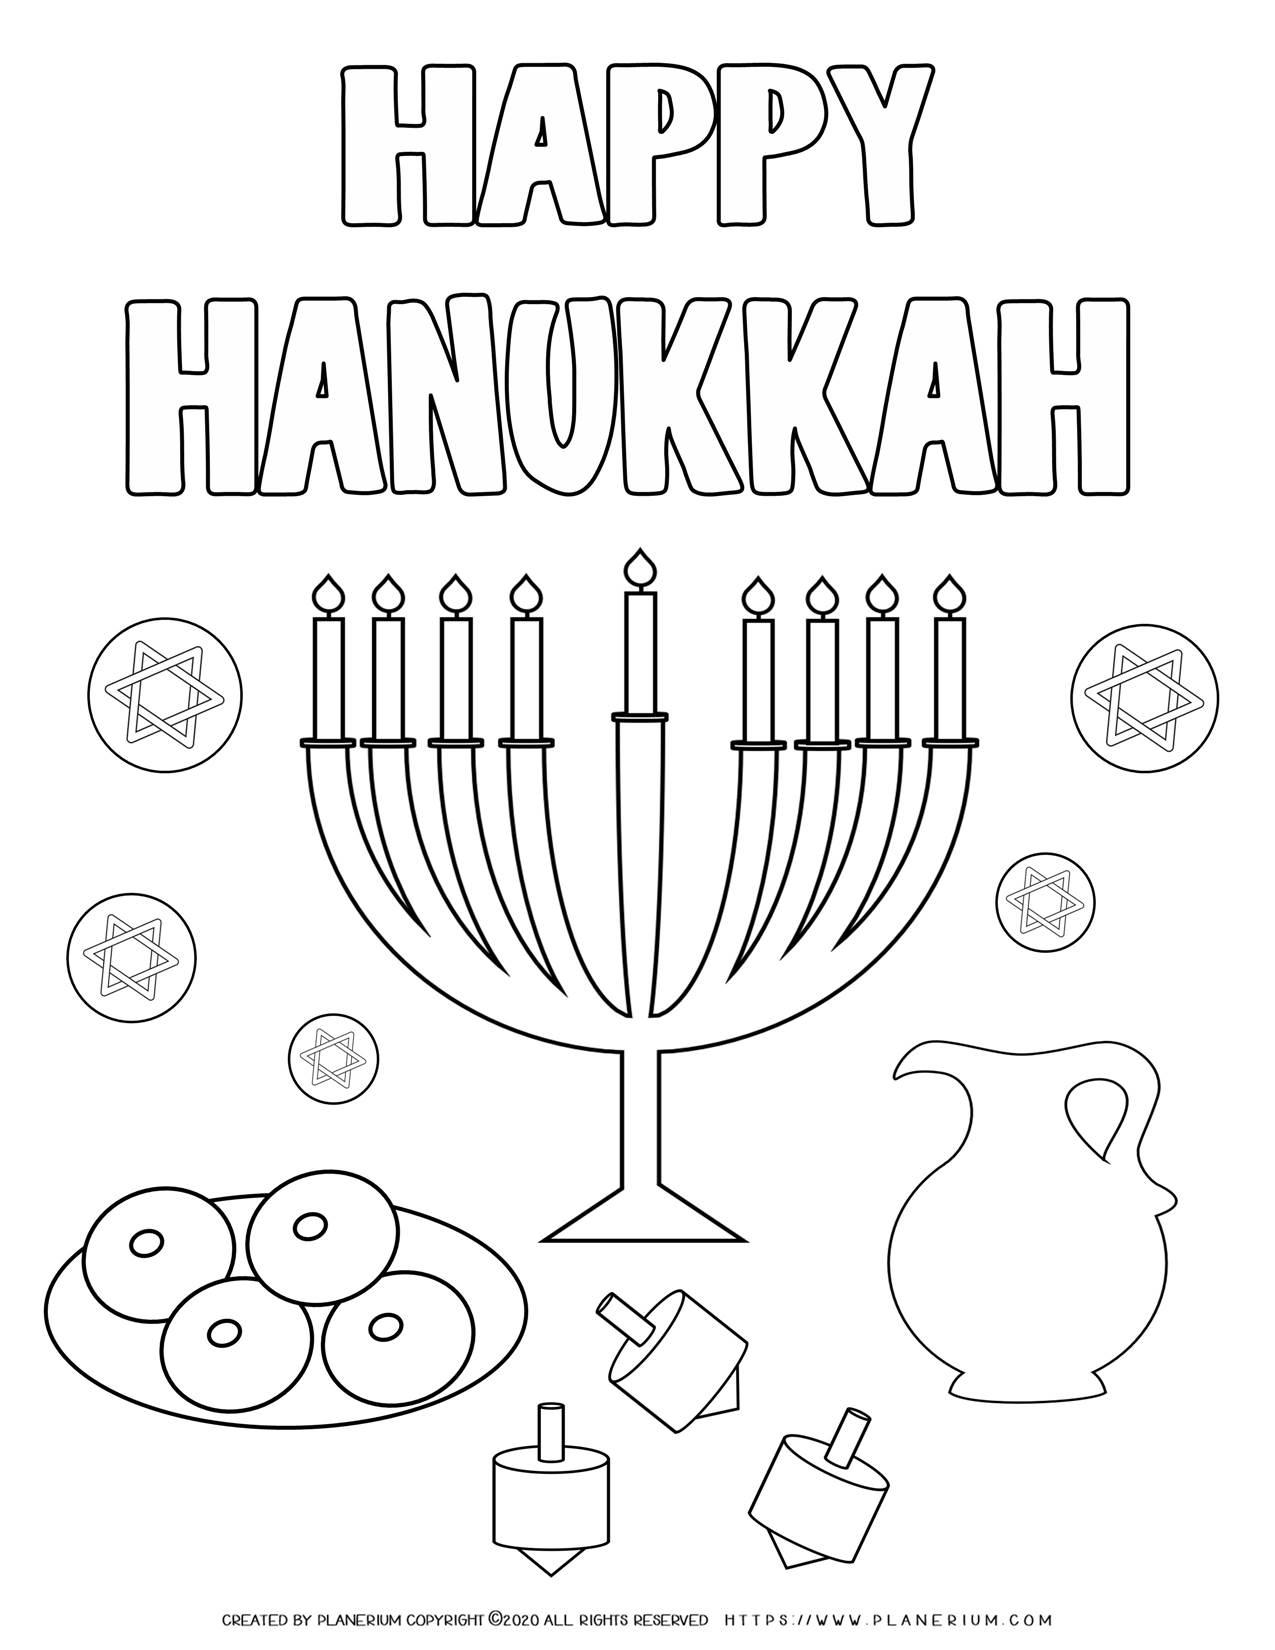 Happy Hanukkah - Free Coloring Page | Planerium